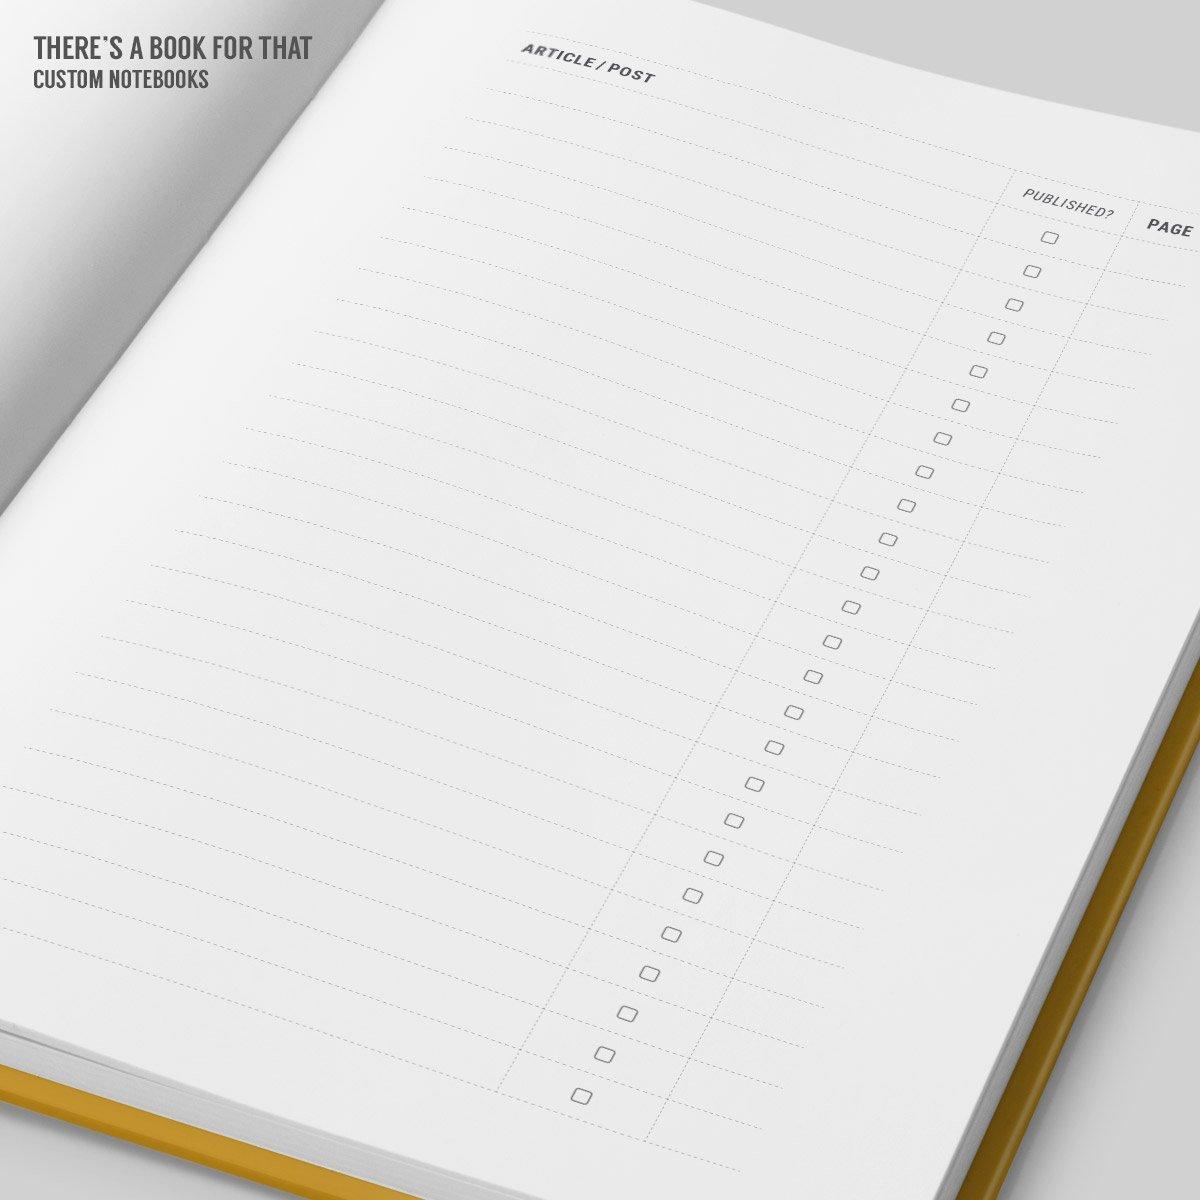 Blogger, Online Online Online Journalist There's a book for that    Blogger Notebook - Ein Notizbuch, perfekt durchdacht und designt   Der Organizer , das Kreativitätstool für mehr Inspiration und Struktur. B079LF8N57 | Up-to-date Styling  | Professionelles  4ab9f5